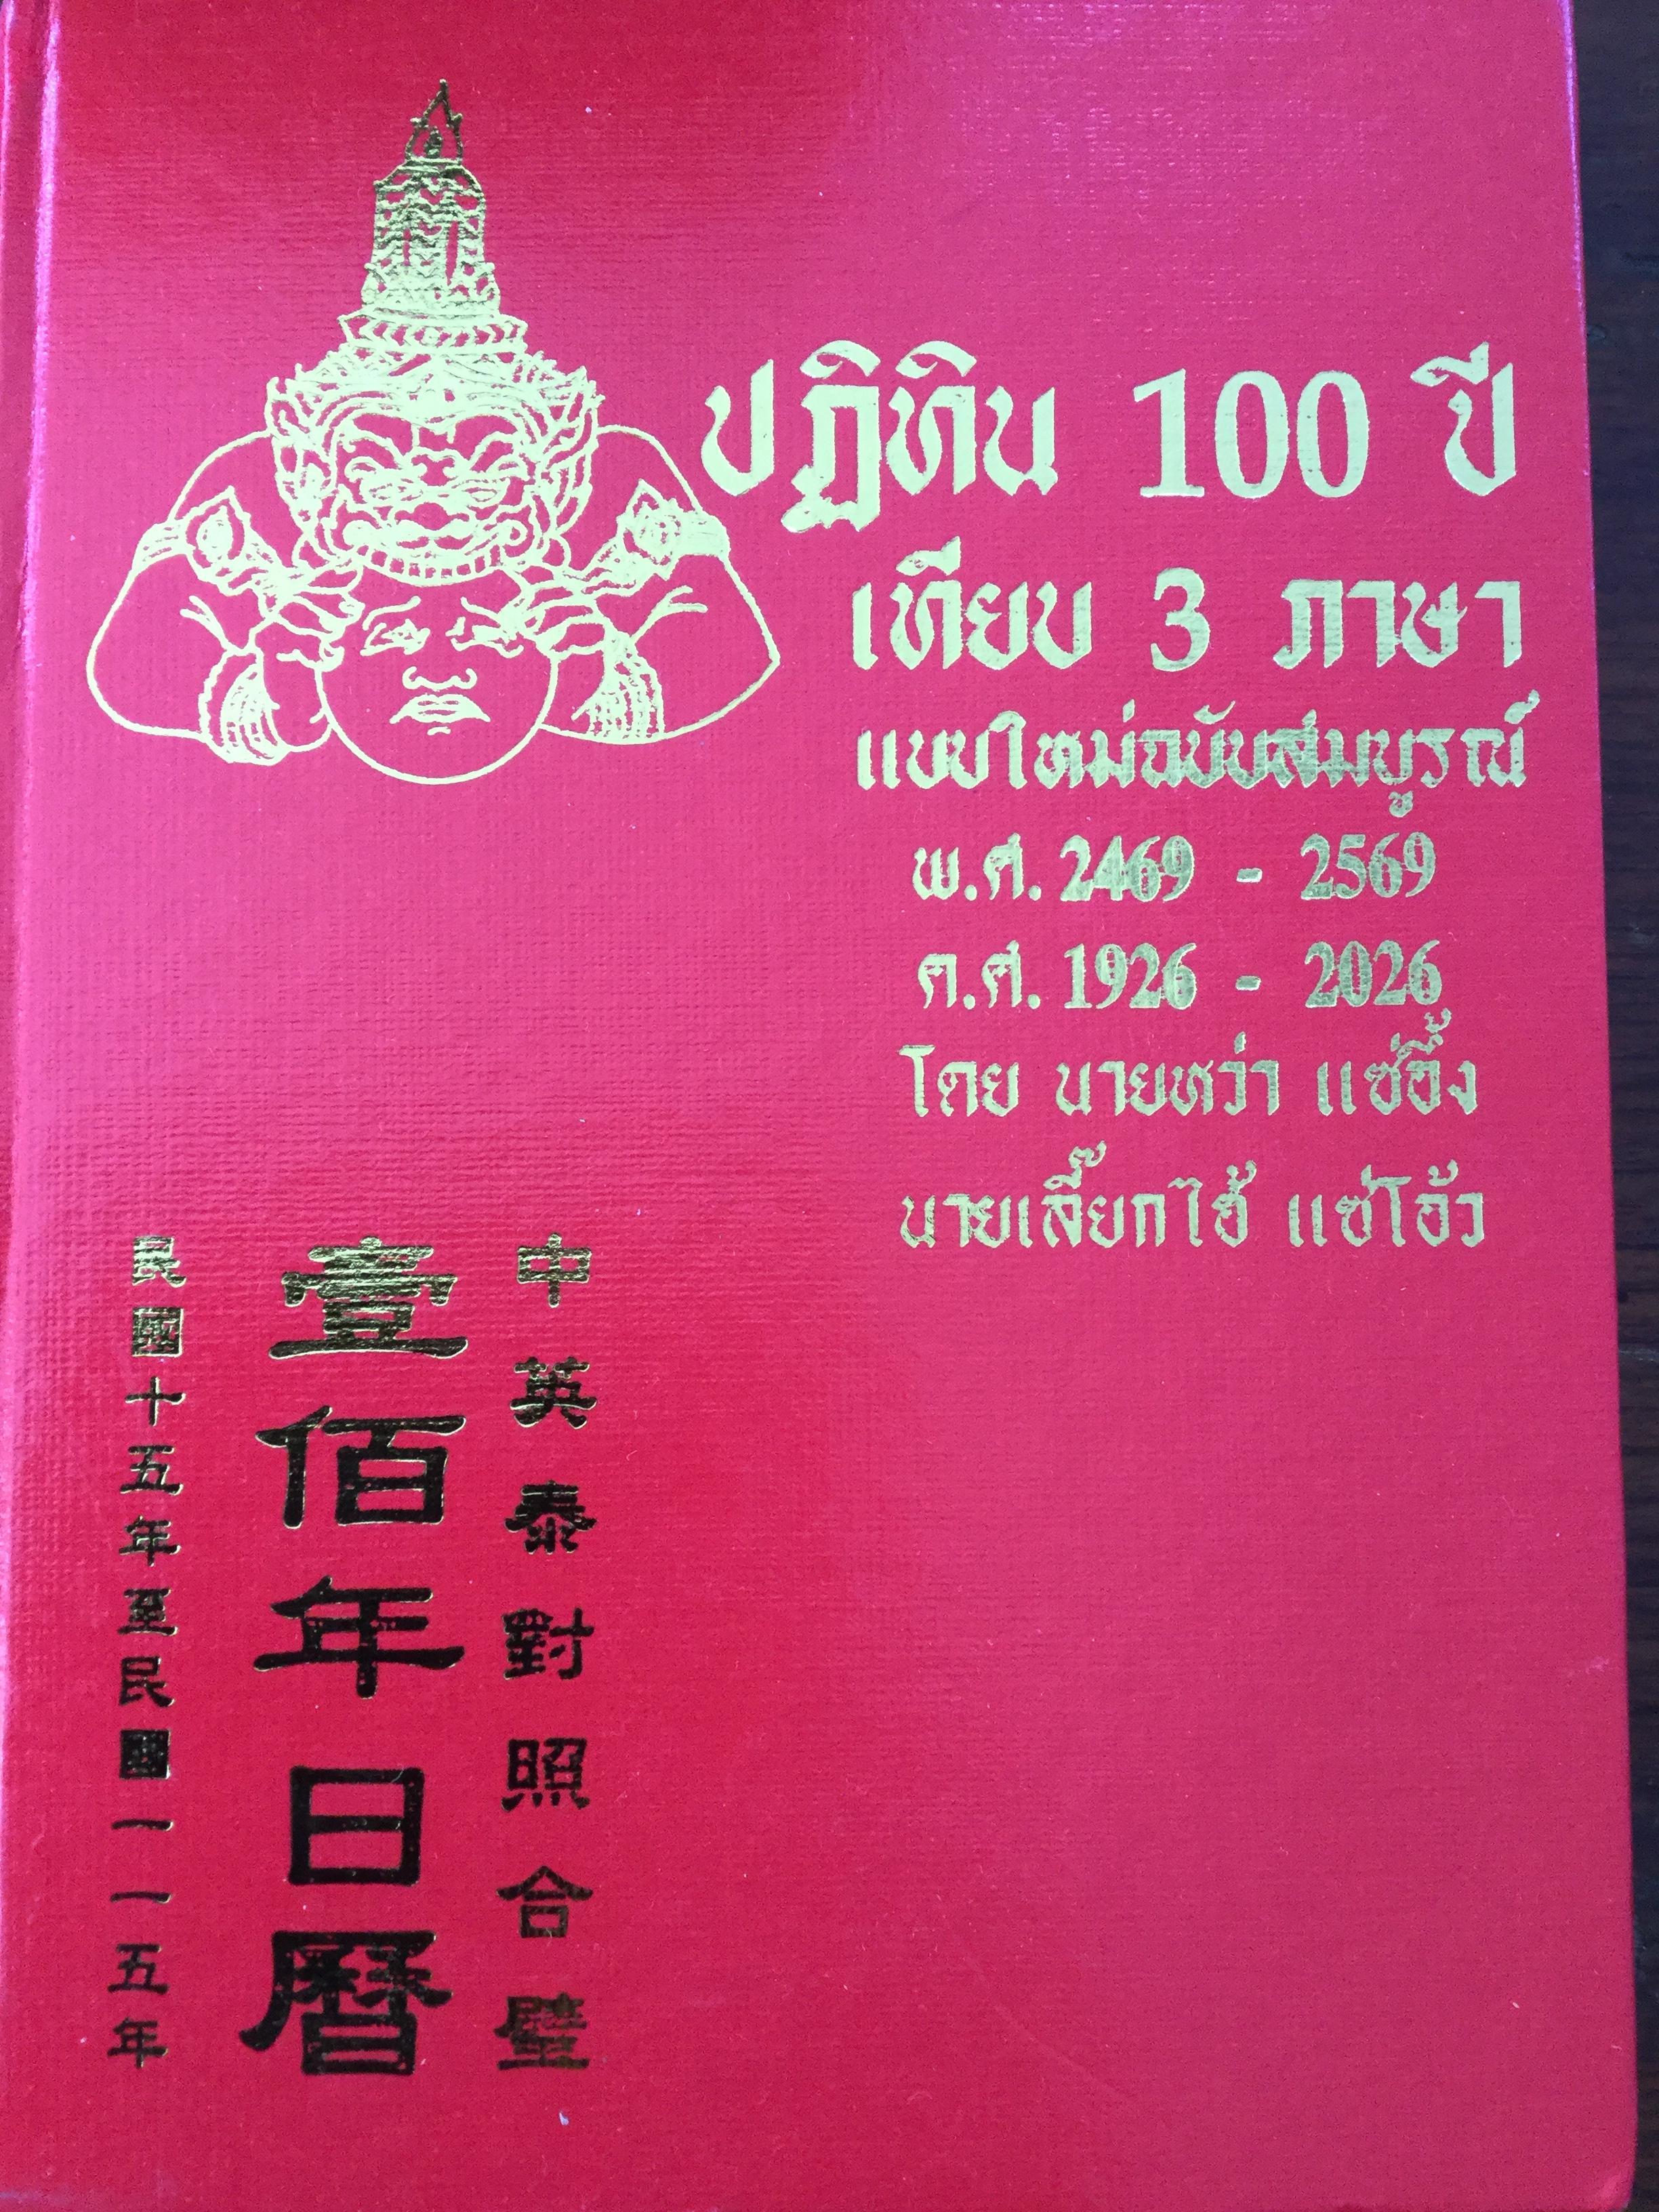 ปฏิทิน 100 ปี เทียบ 3 ภาษา แบบใหม่ฉบับสมบูรณ์ พ.ศ.2469-2569. ค.ศ.1926-2026. โดย นายหว่า แซ่อึ้ง นายเลี๊ยกไฮ้ แซ่โอ้ว